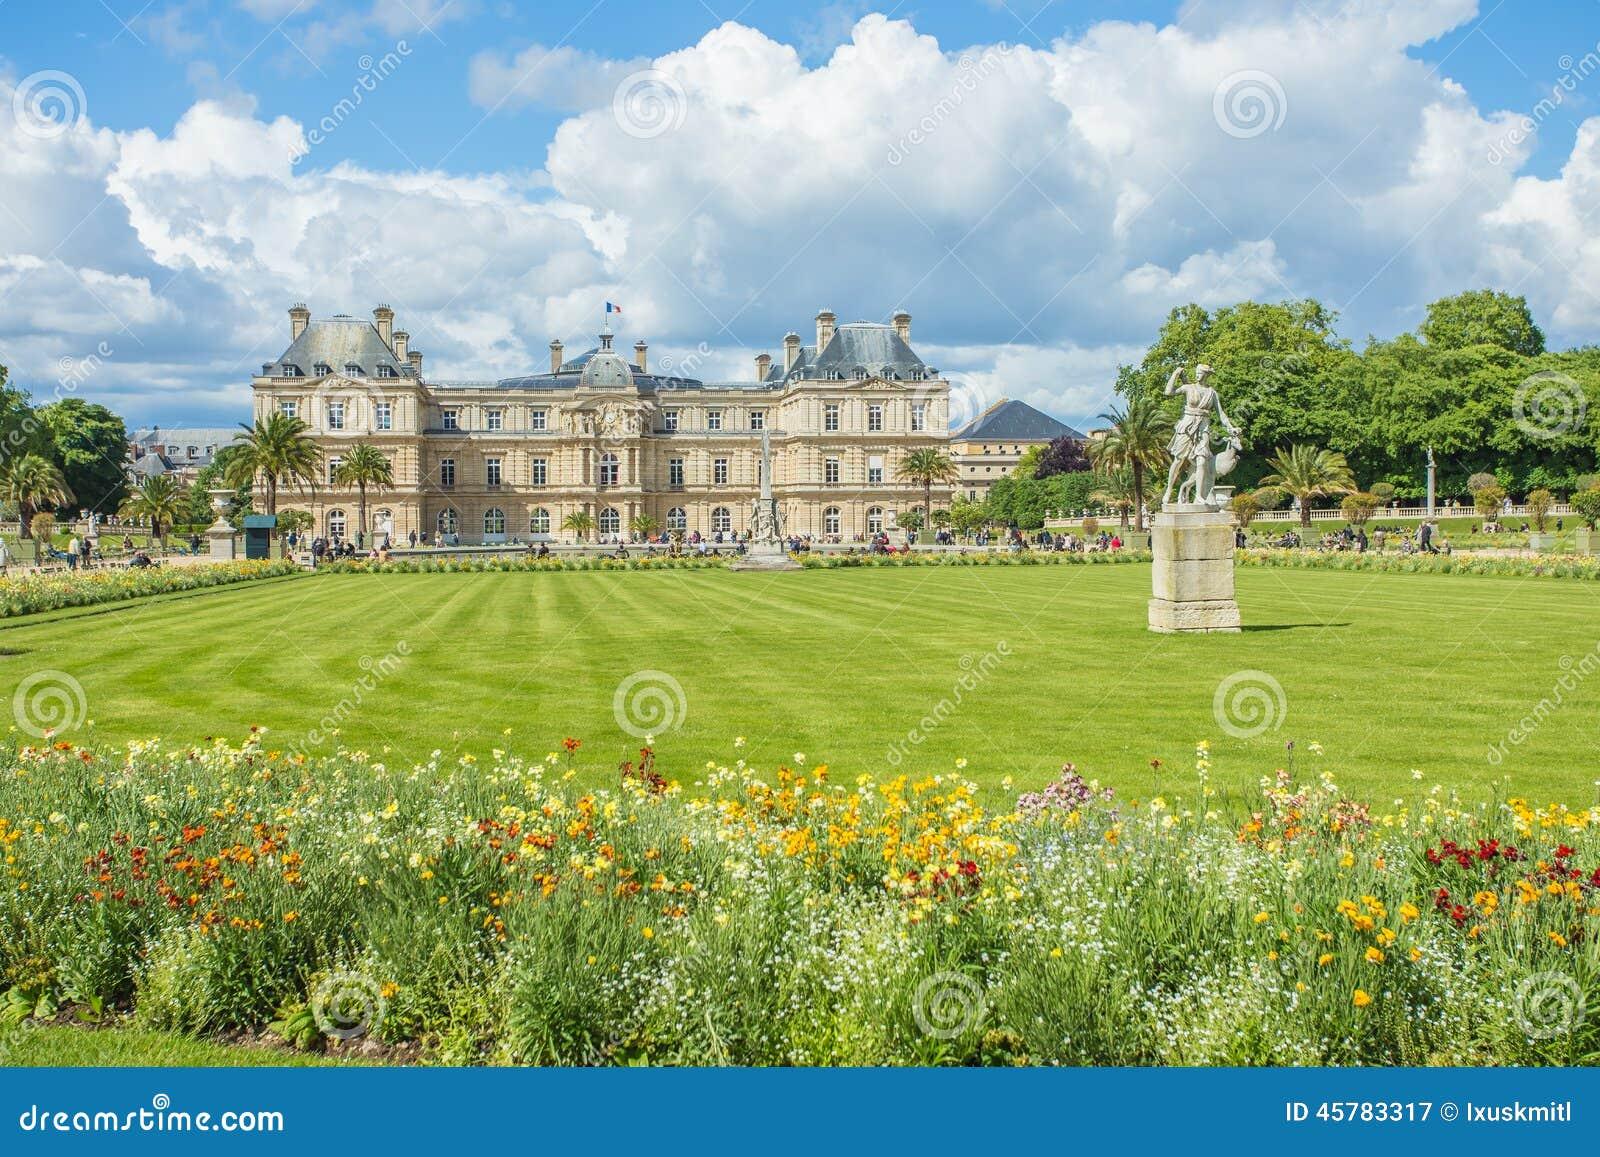 Le Luxembourg font du jardinage (Jardin du Luxembourg) à Paris, France